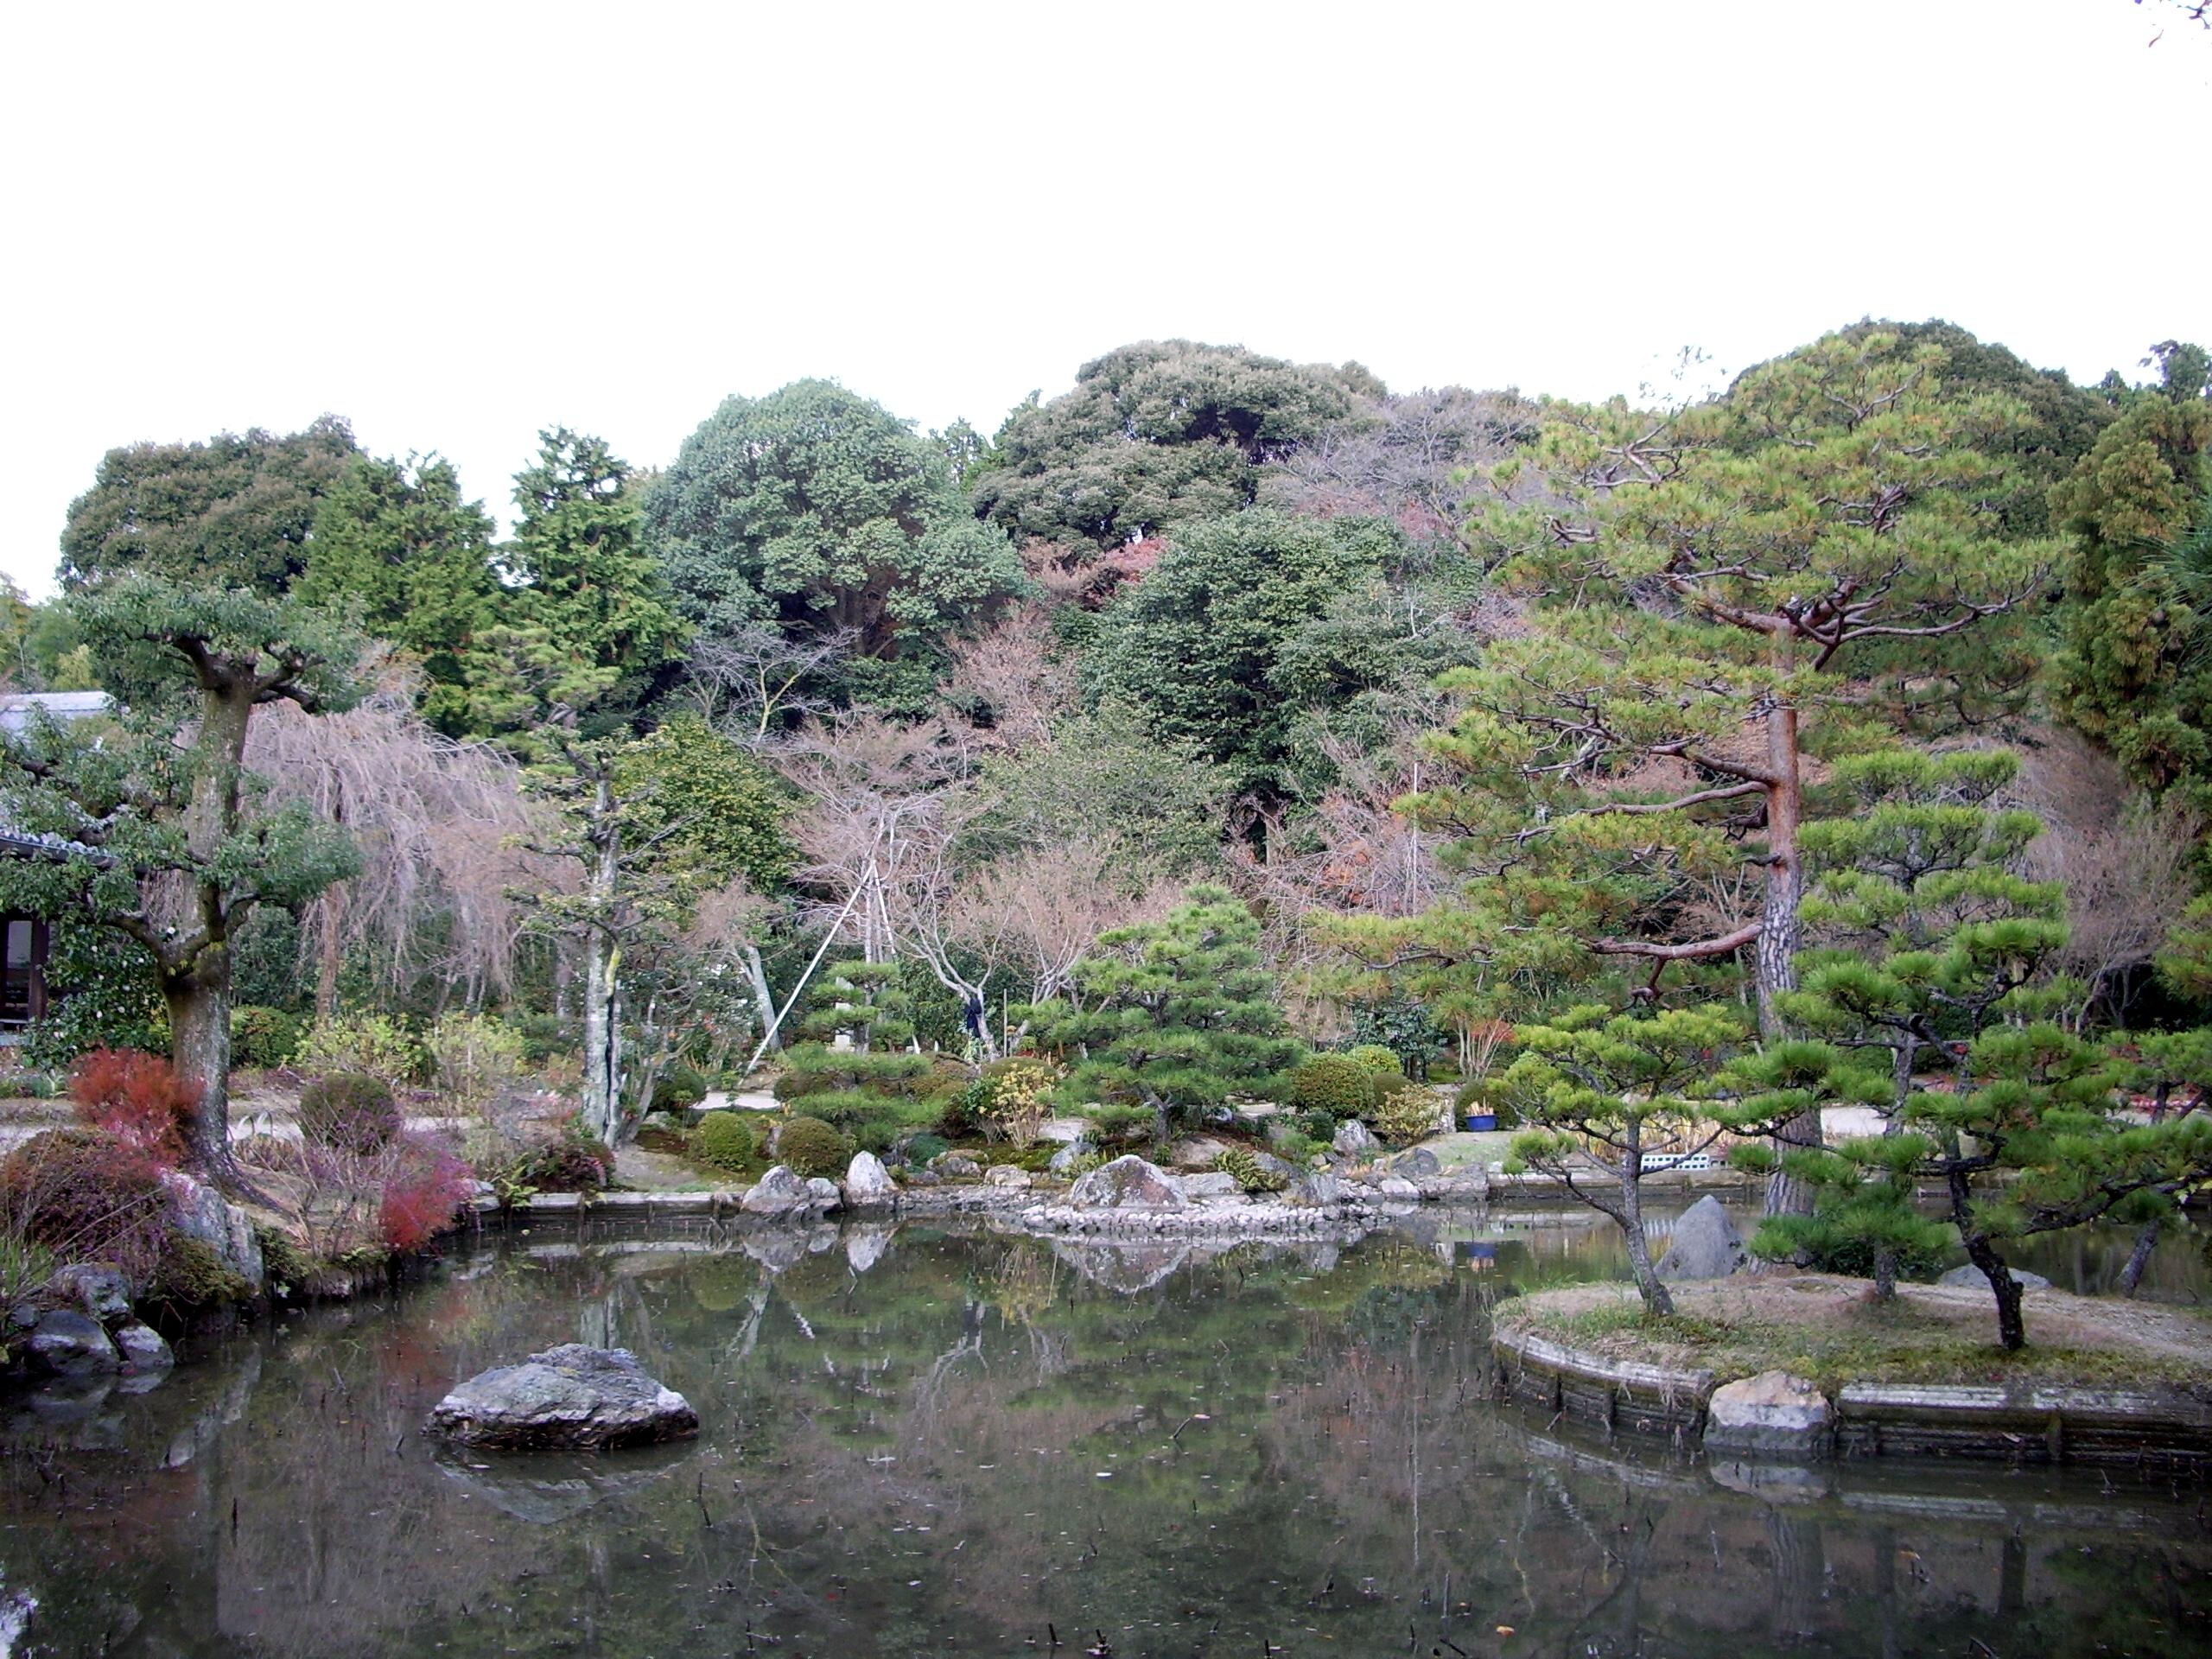 法金剛院庭園の画像